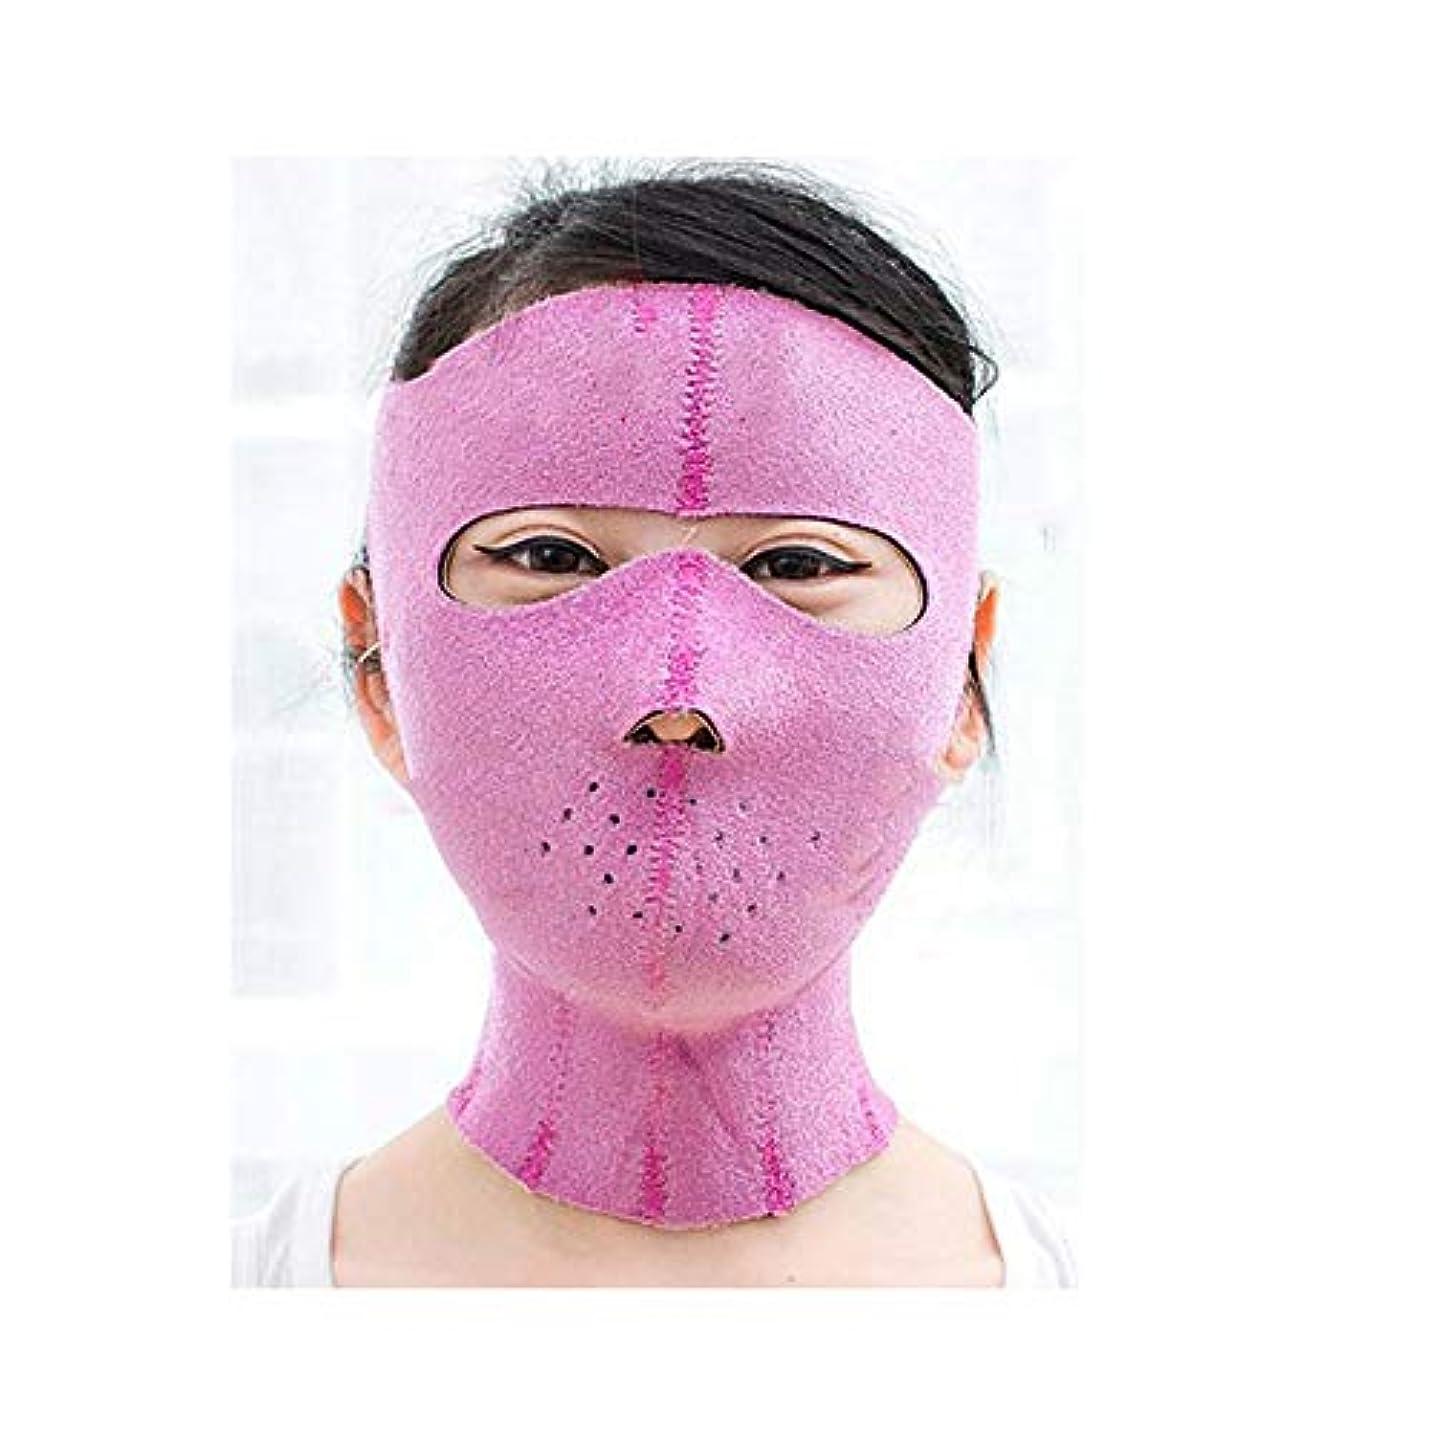 悲劇デザート観客フェイスリフティングサウナマスク、ウィッキングフェイス包帯/スモールフェイスアーチファクト/フェイスマスク(ピンク)